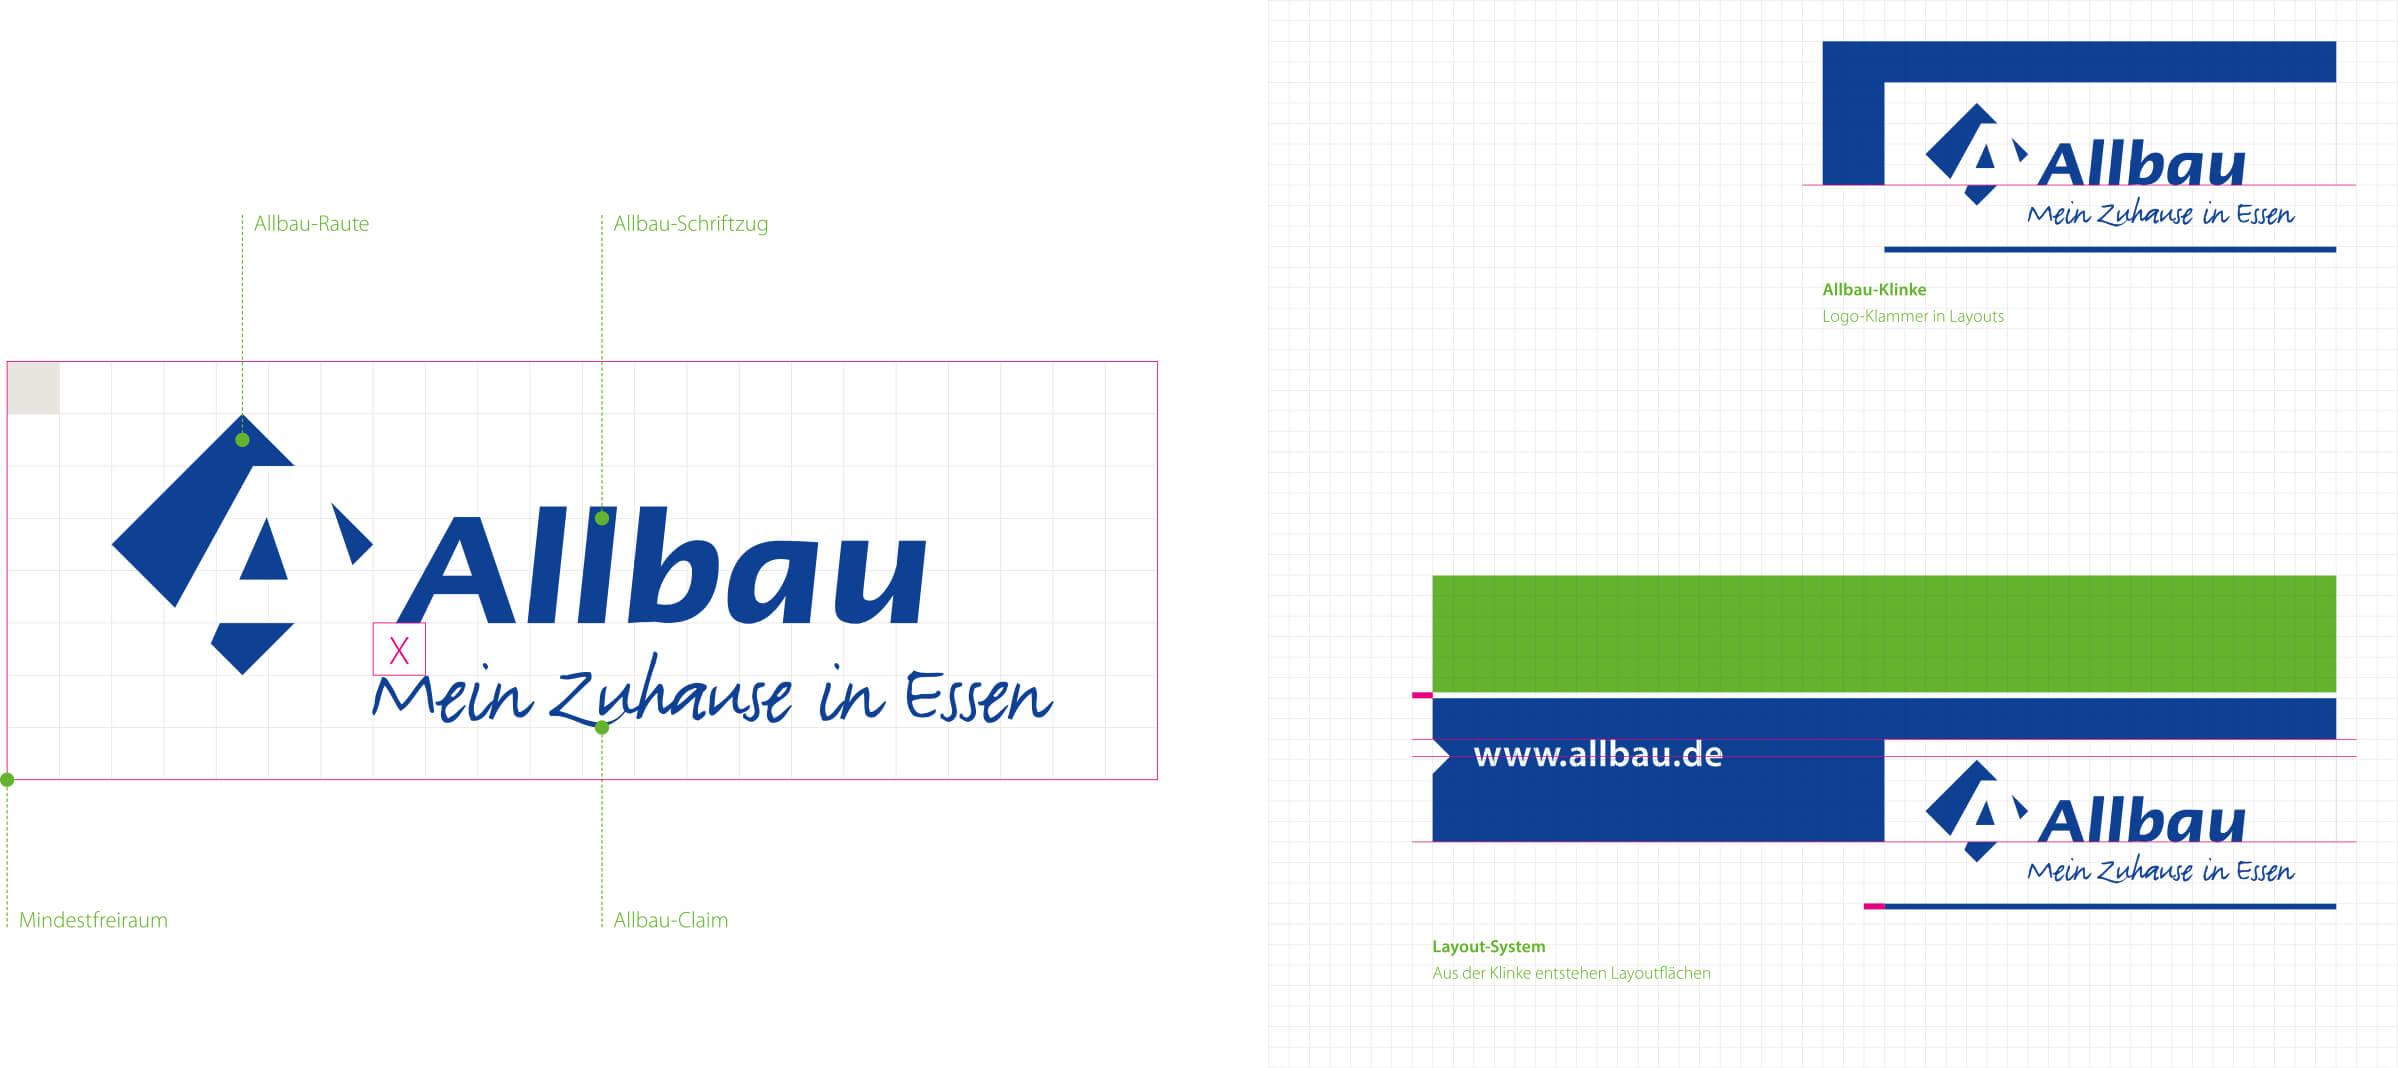 Immobilienmarketing für die Allbau GmbH – Corporate Design